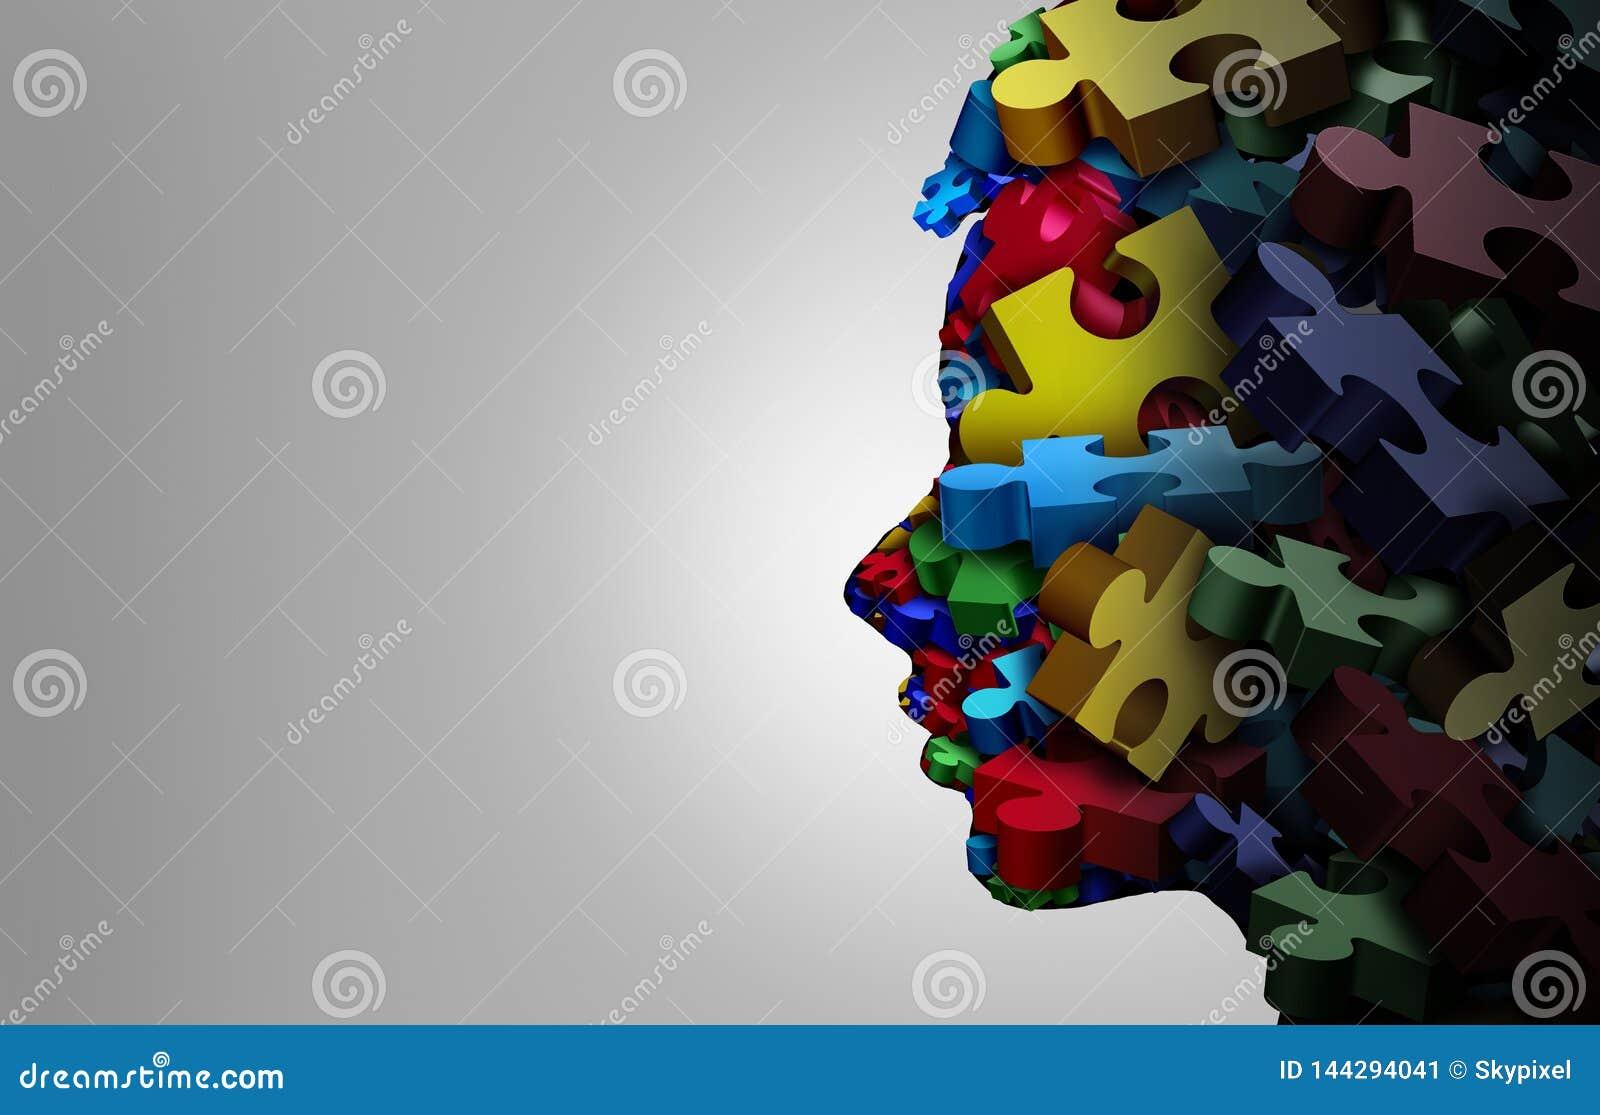 Autystyczni dziecko objawy, autyzm I